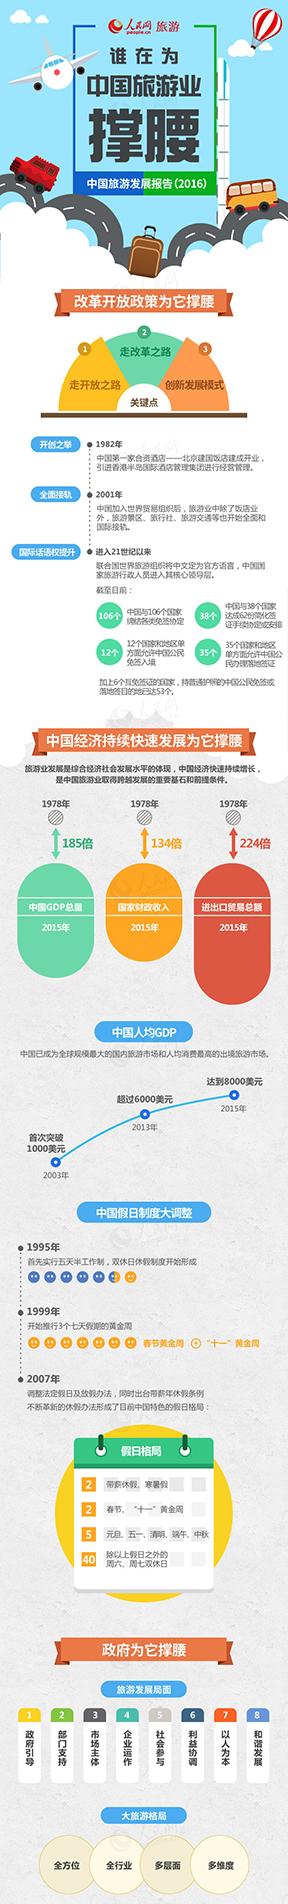 第30期图解:谁在为中国旅游业撑腰由中国政府和联合国世界旅游组织共同主办的首届世界旅游发展大会18日在北京拉开帷幕,《中国旅游发展报告(2016)》同步发布。